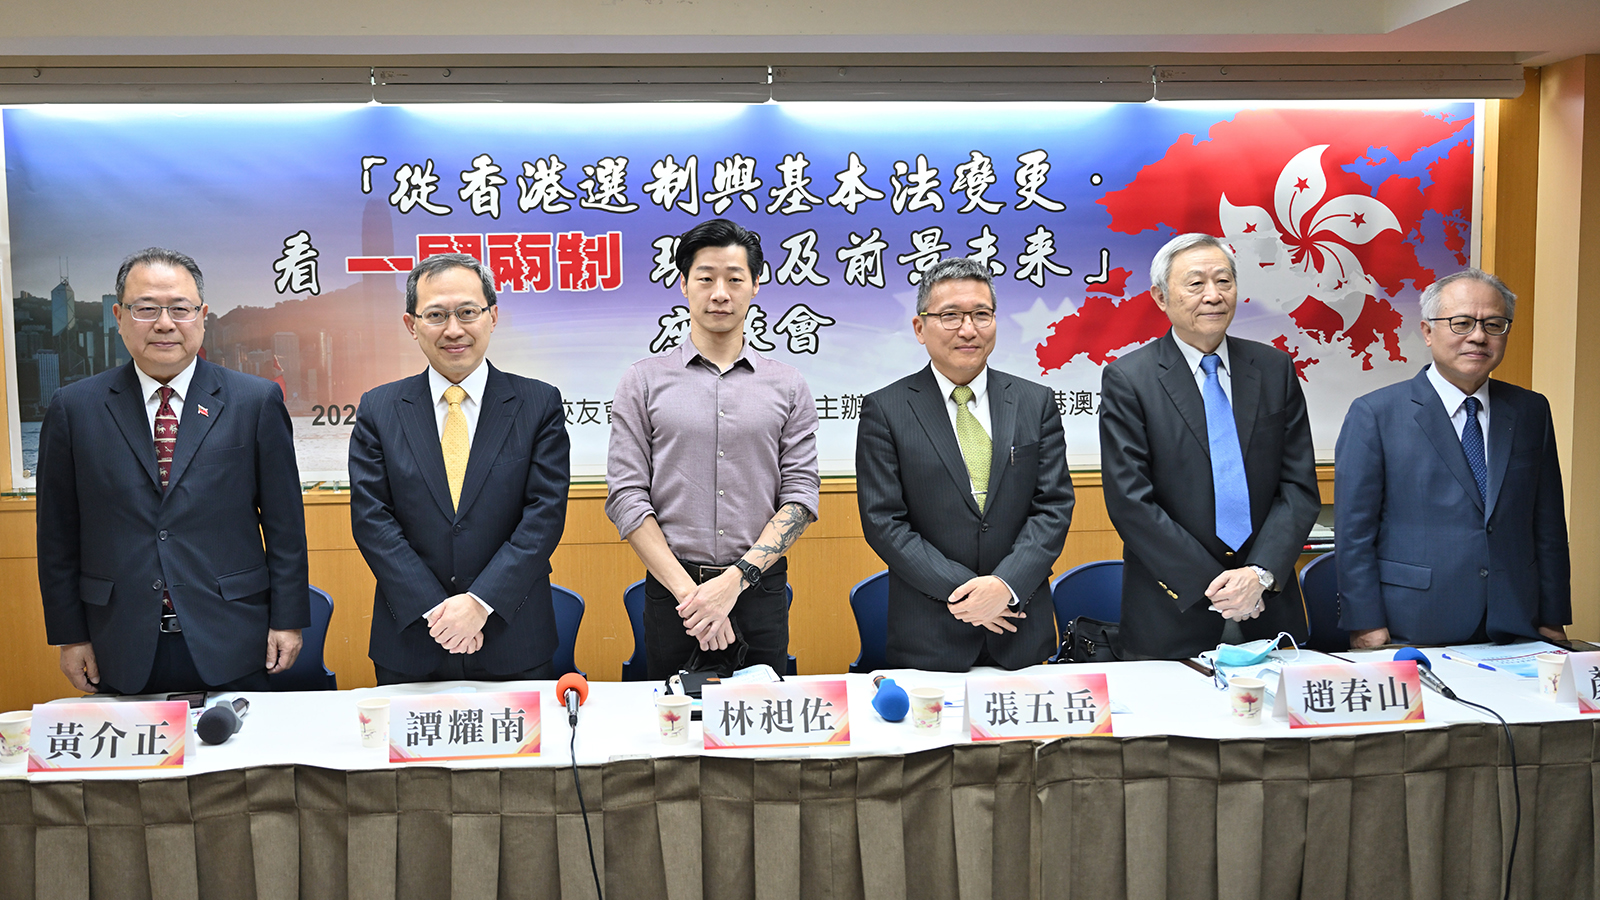 2021年3月15日,中華港澳之友協會舉辦「從香港選制與基本法變更,看一國兩制現況及前景未來」座談會。(鍾廣政 攝)